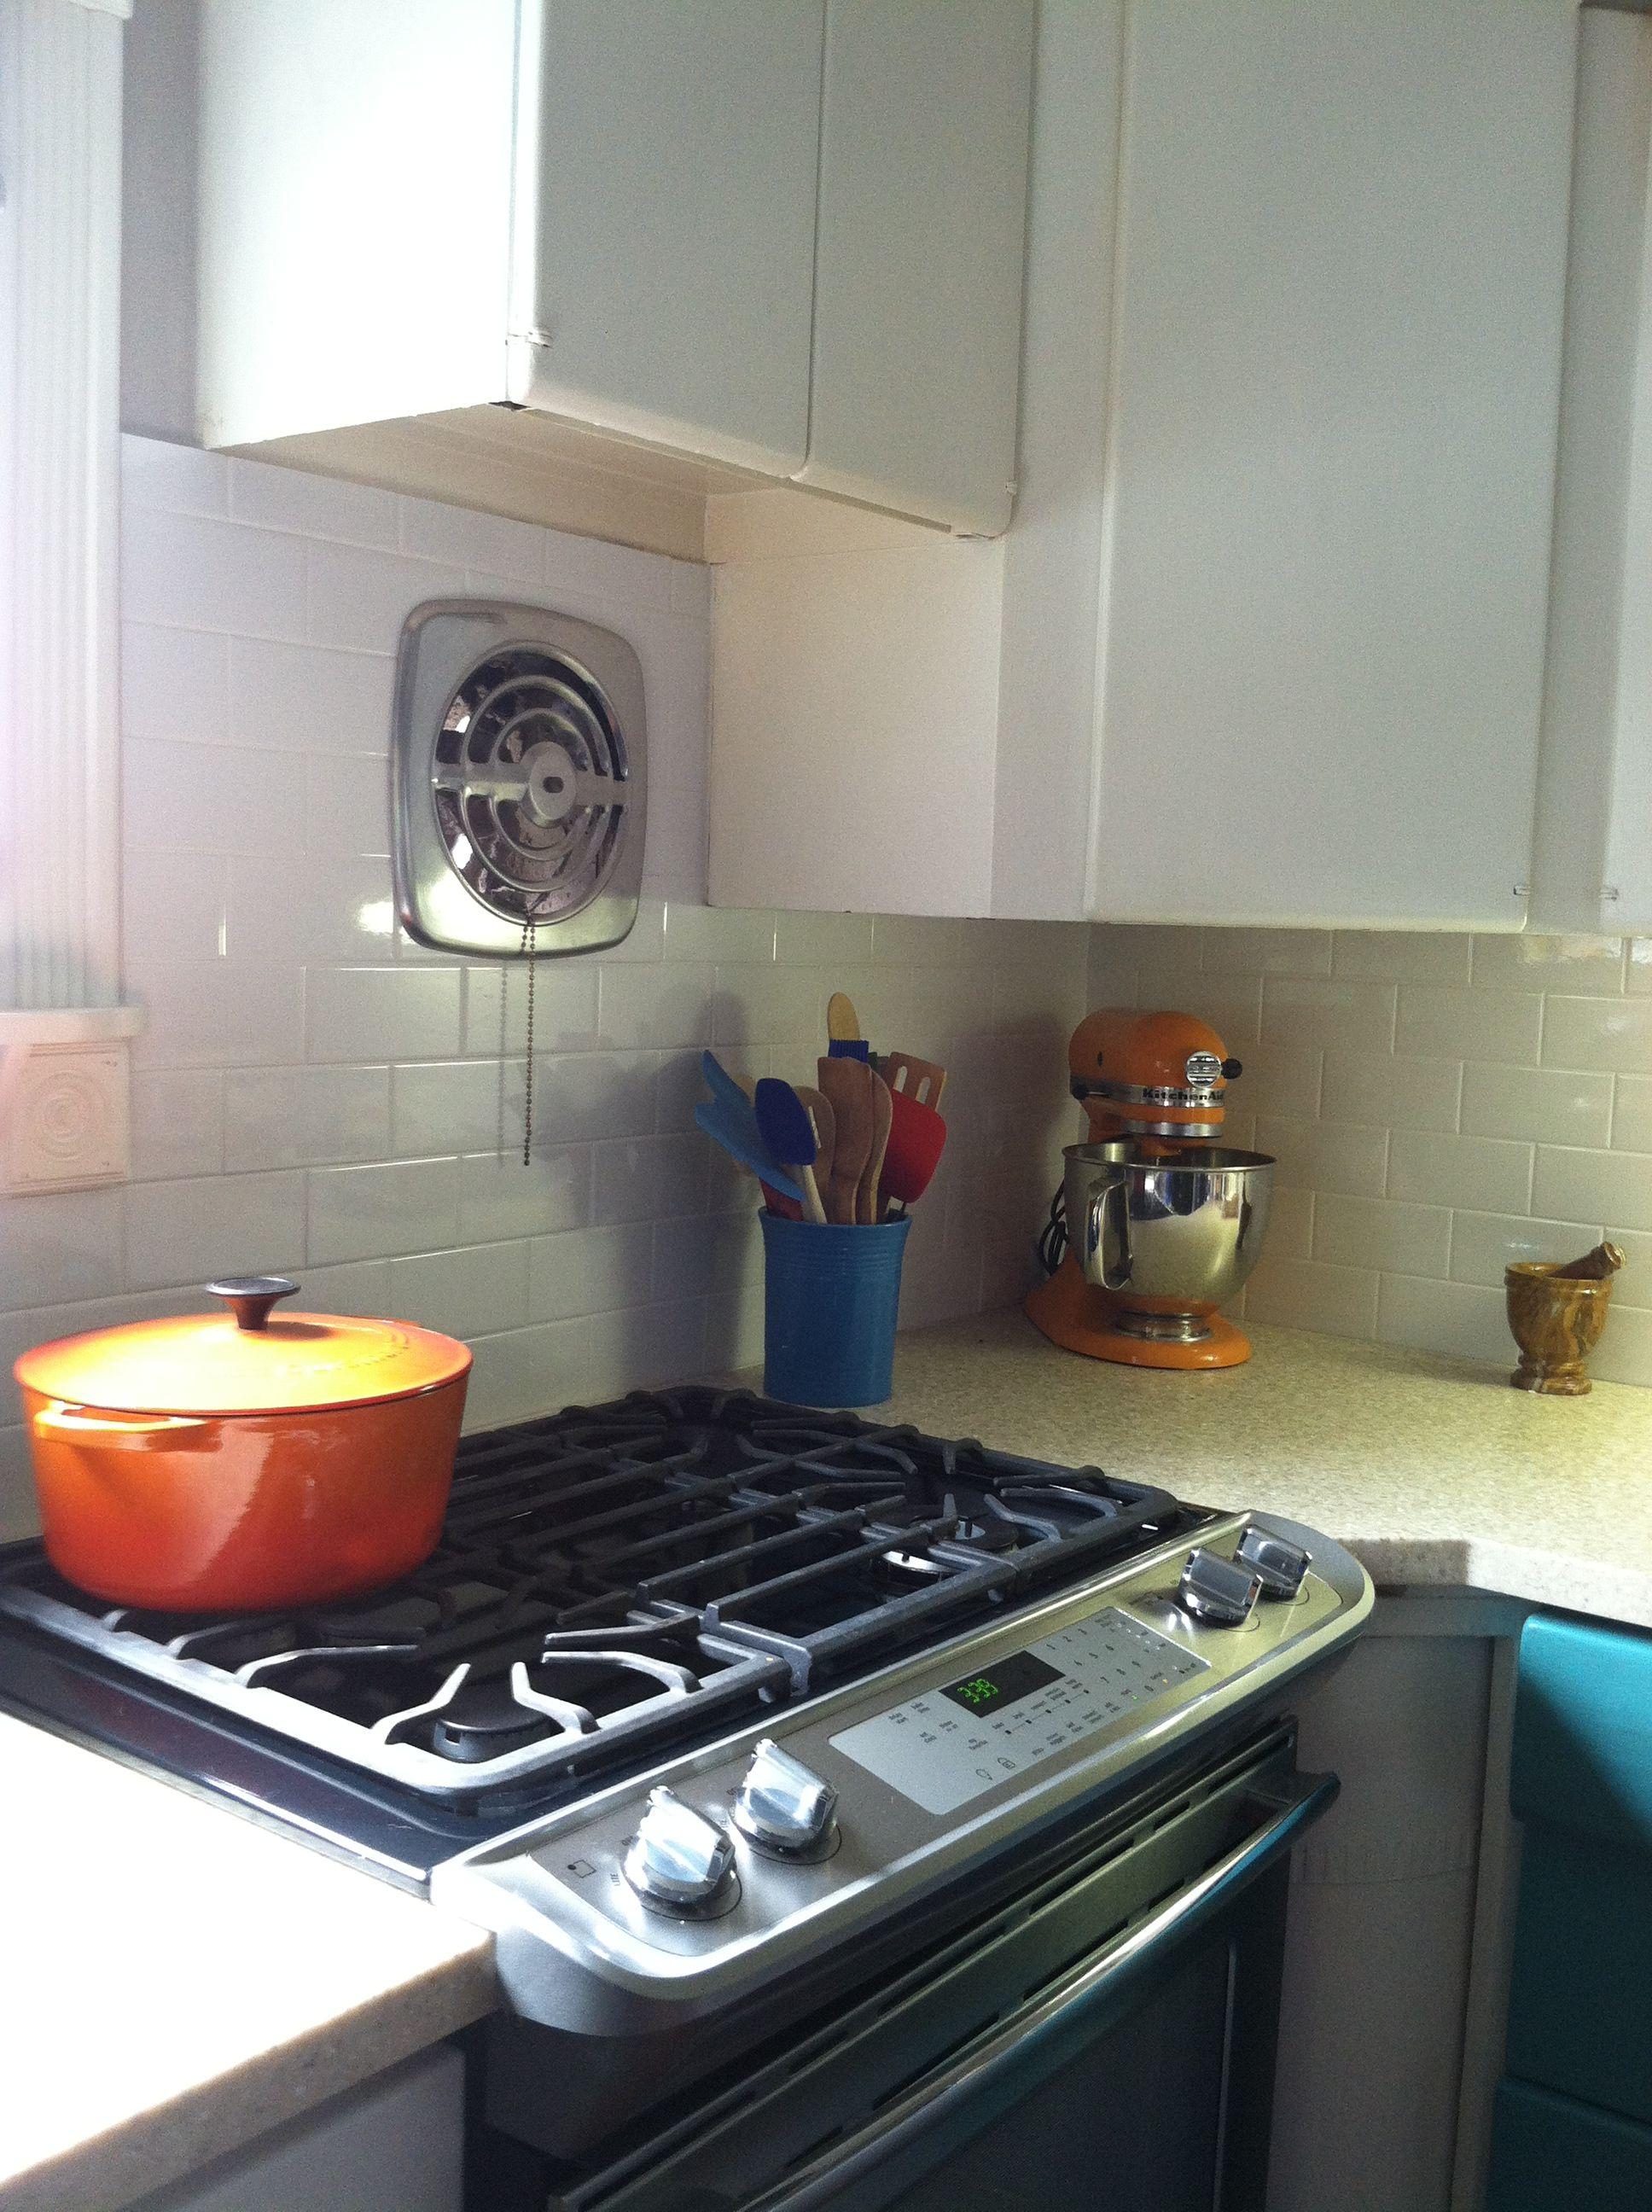 Subway tile kitchen backsplash. Vintage metal cabinets that ...